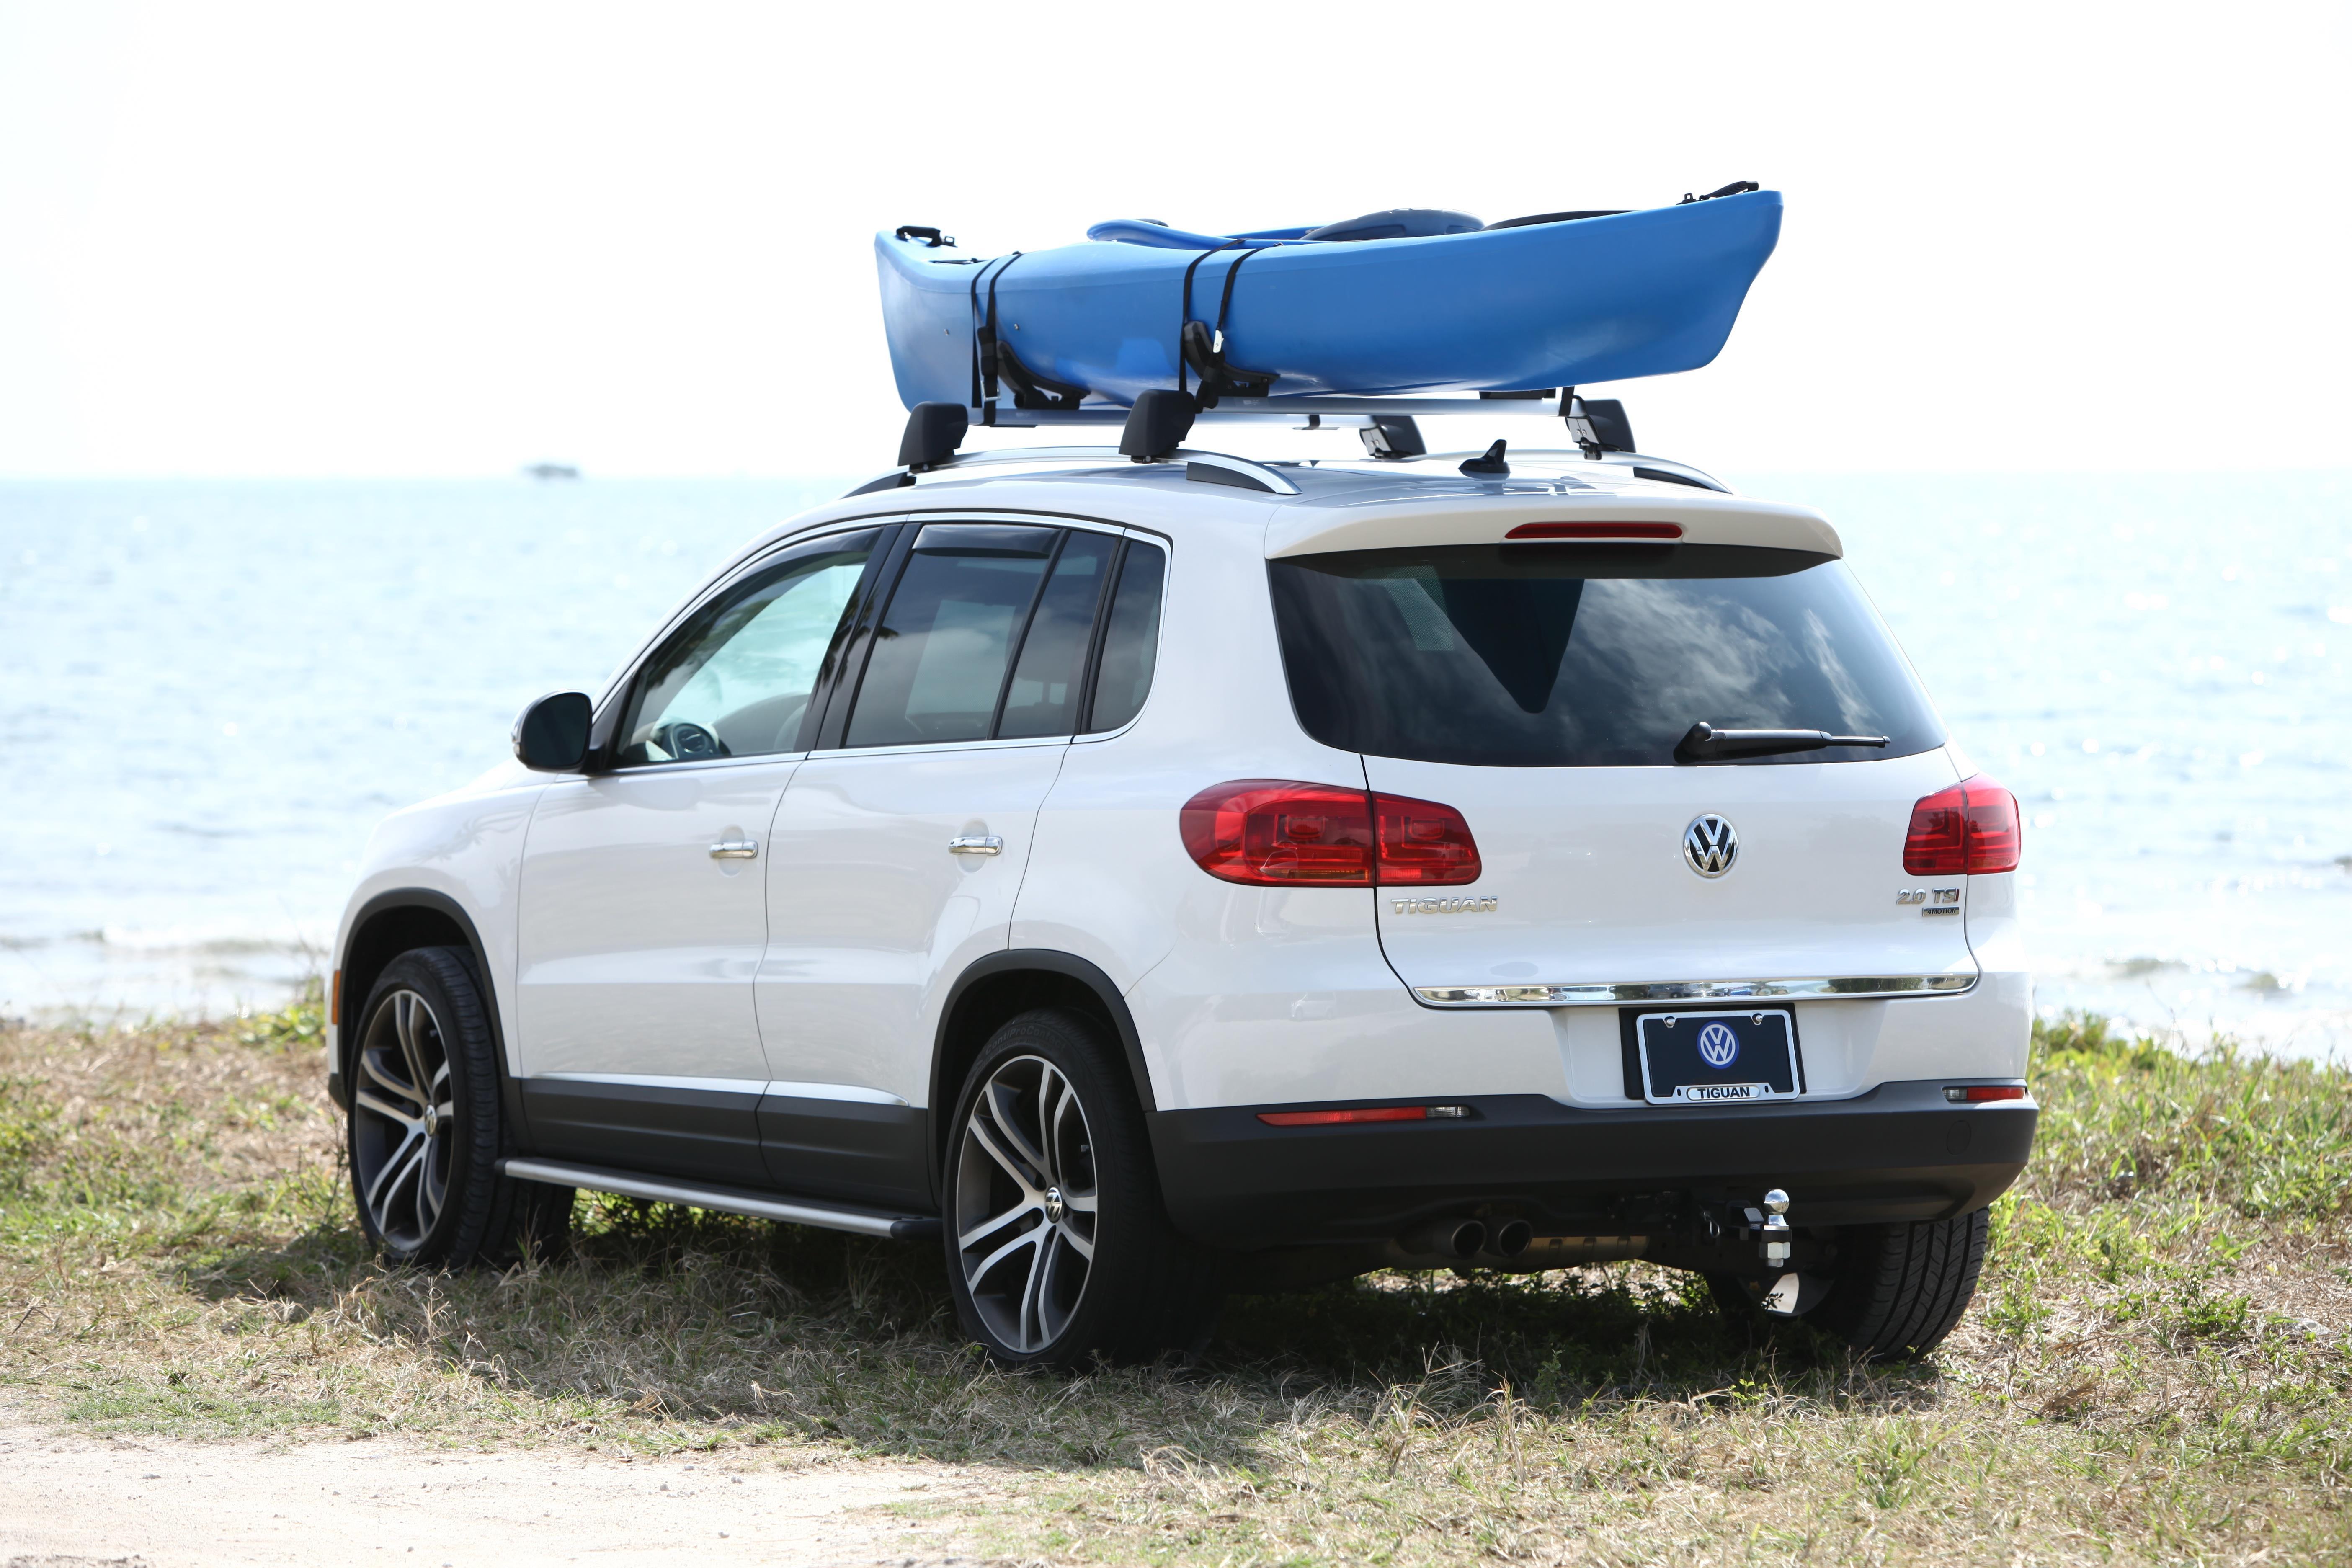 Volkswagen Golf R Kayak Holder Attachment Black Bars